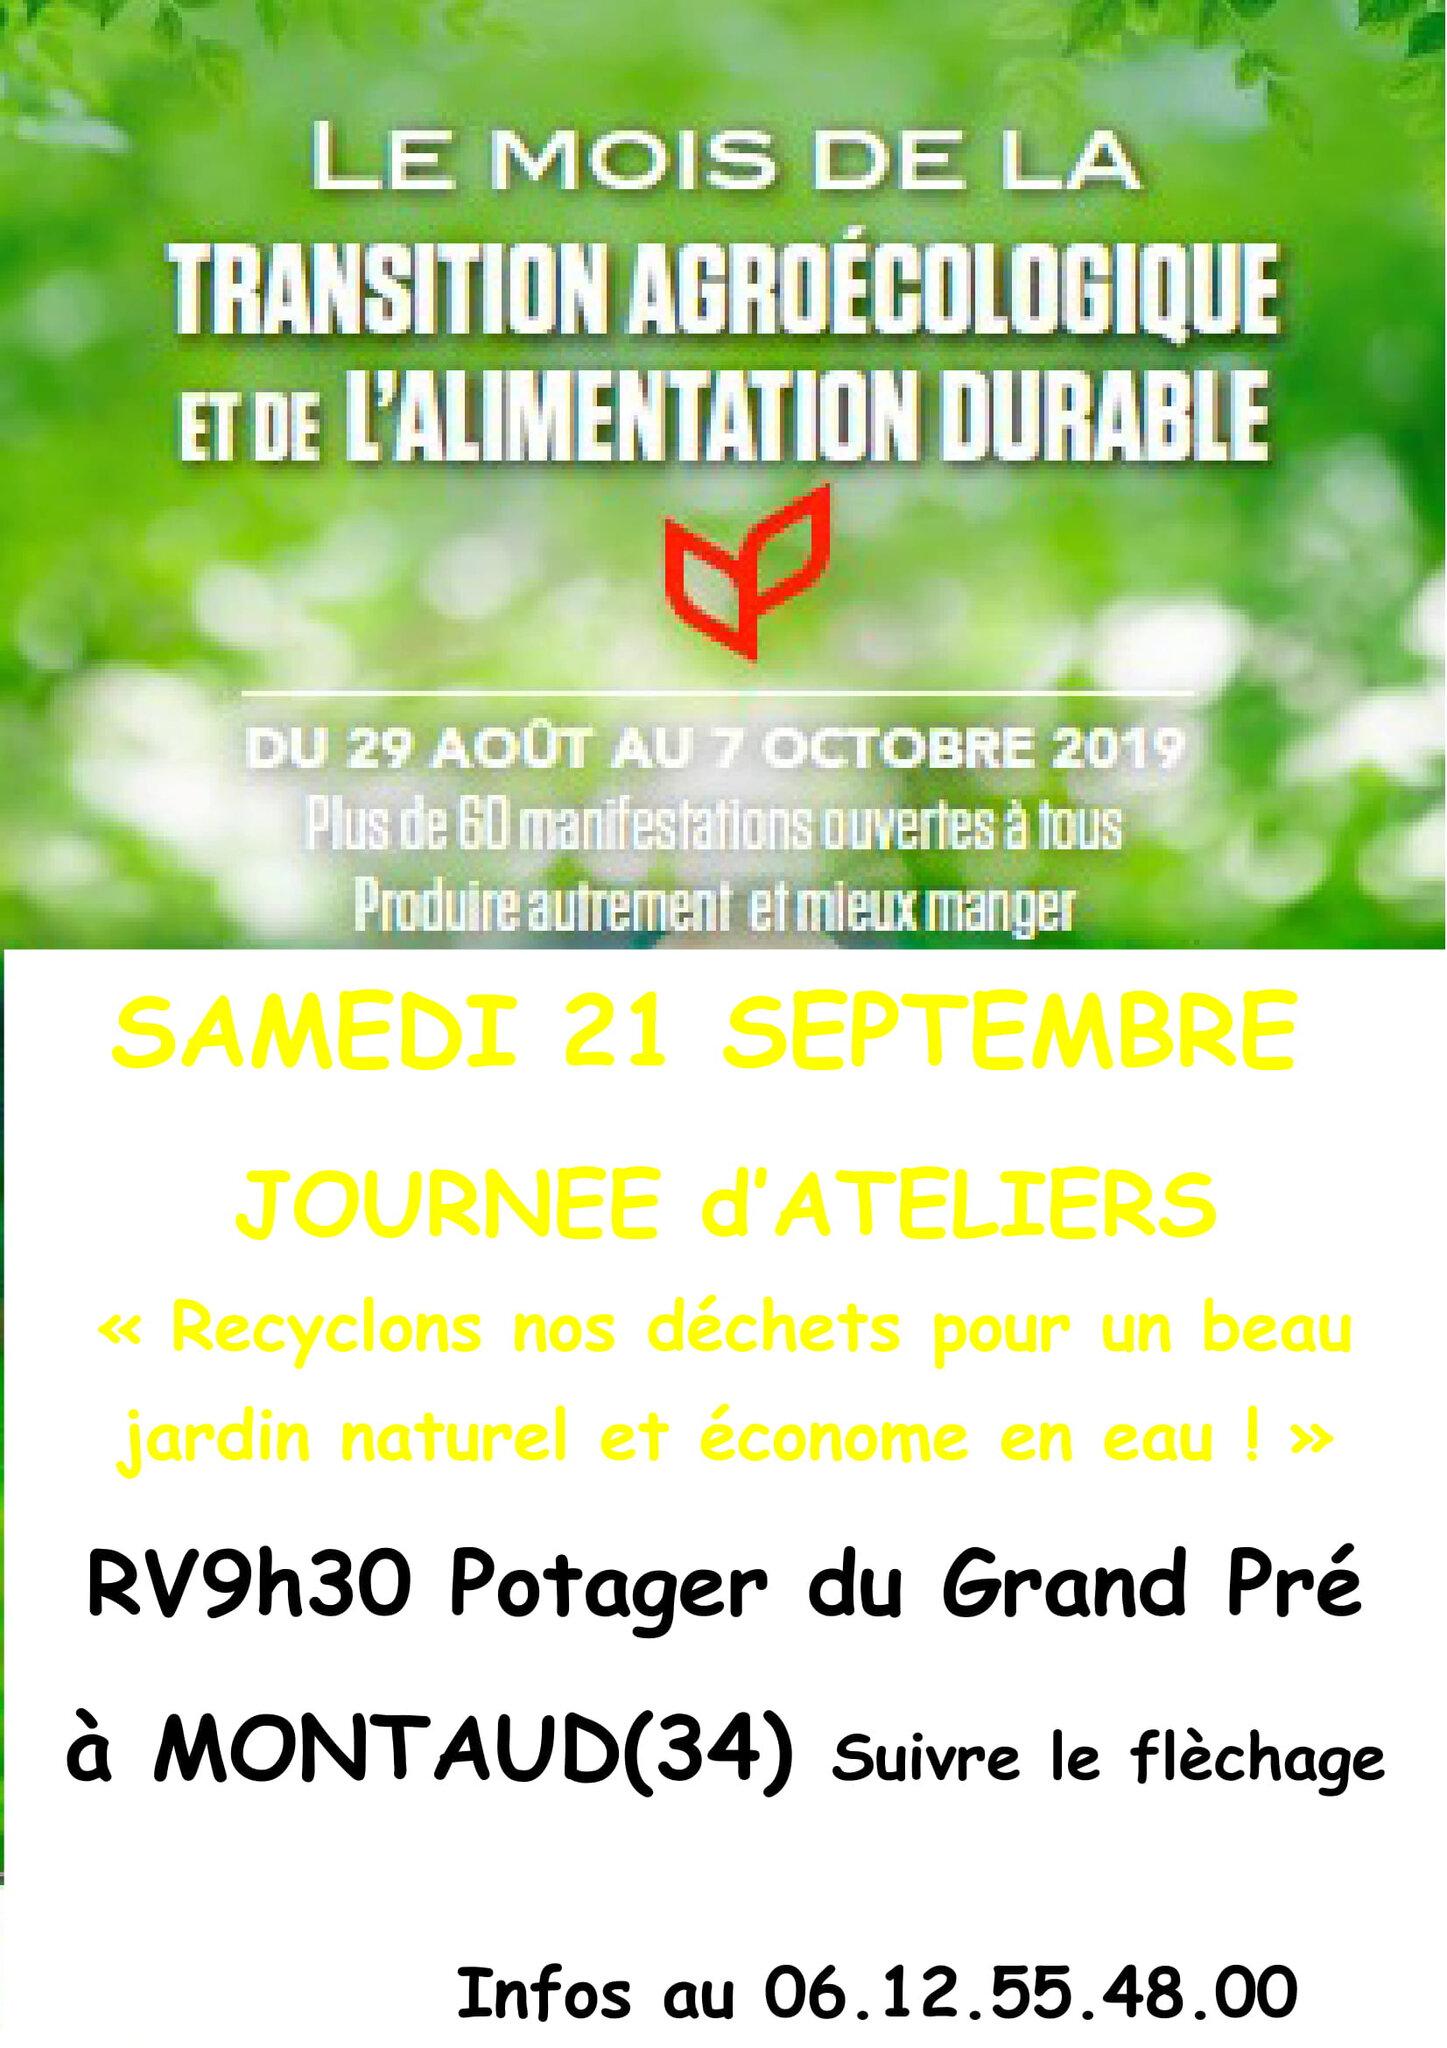 Retrouvez Les Jardins De Tara pour une journee d'ateliers de jardinage au naturel samedi 21 septembre à Montaud (34)